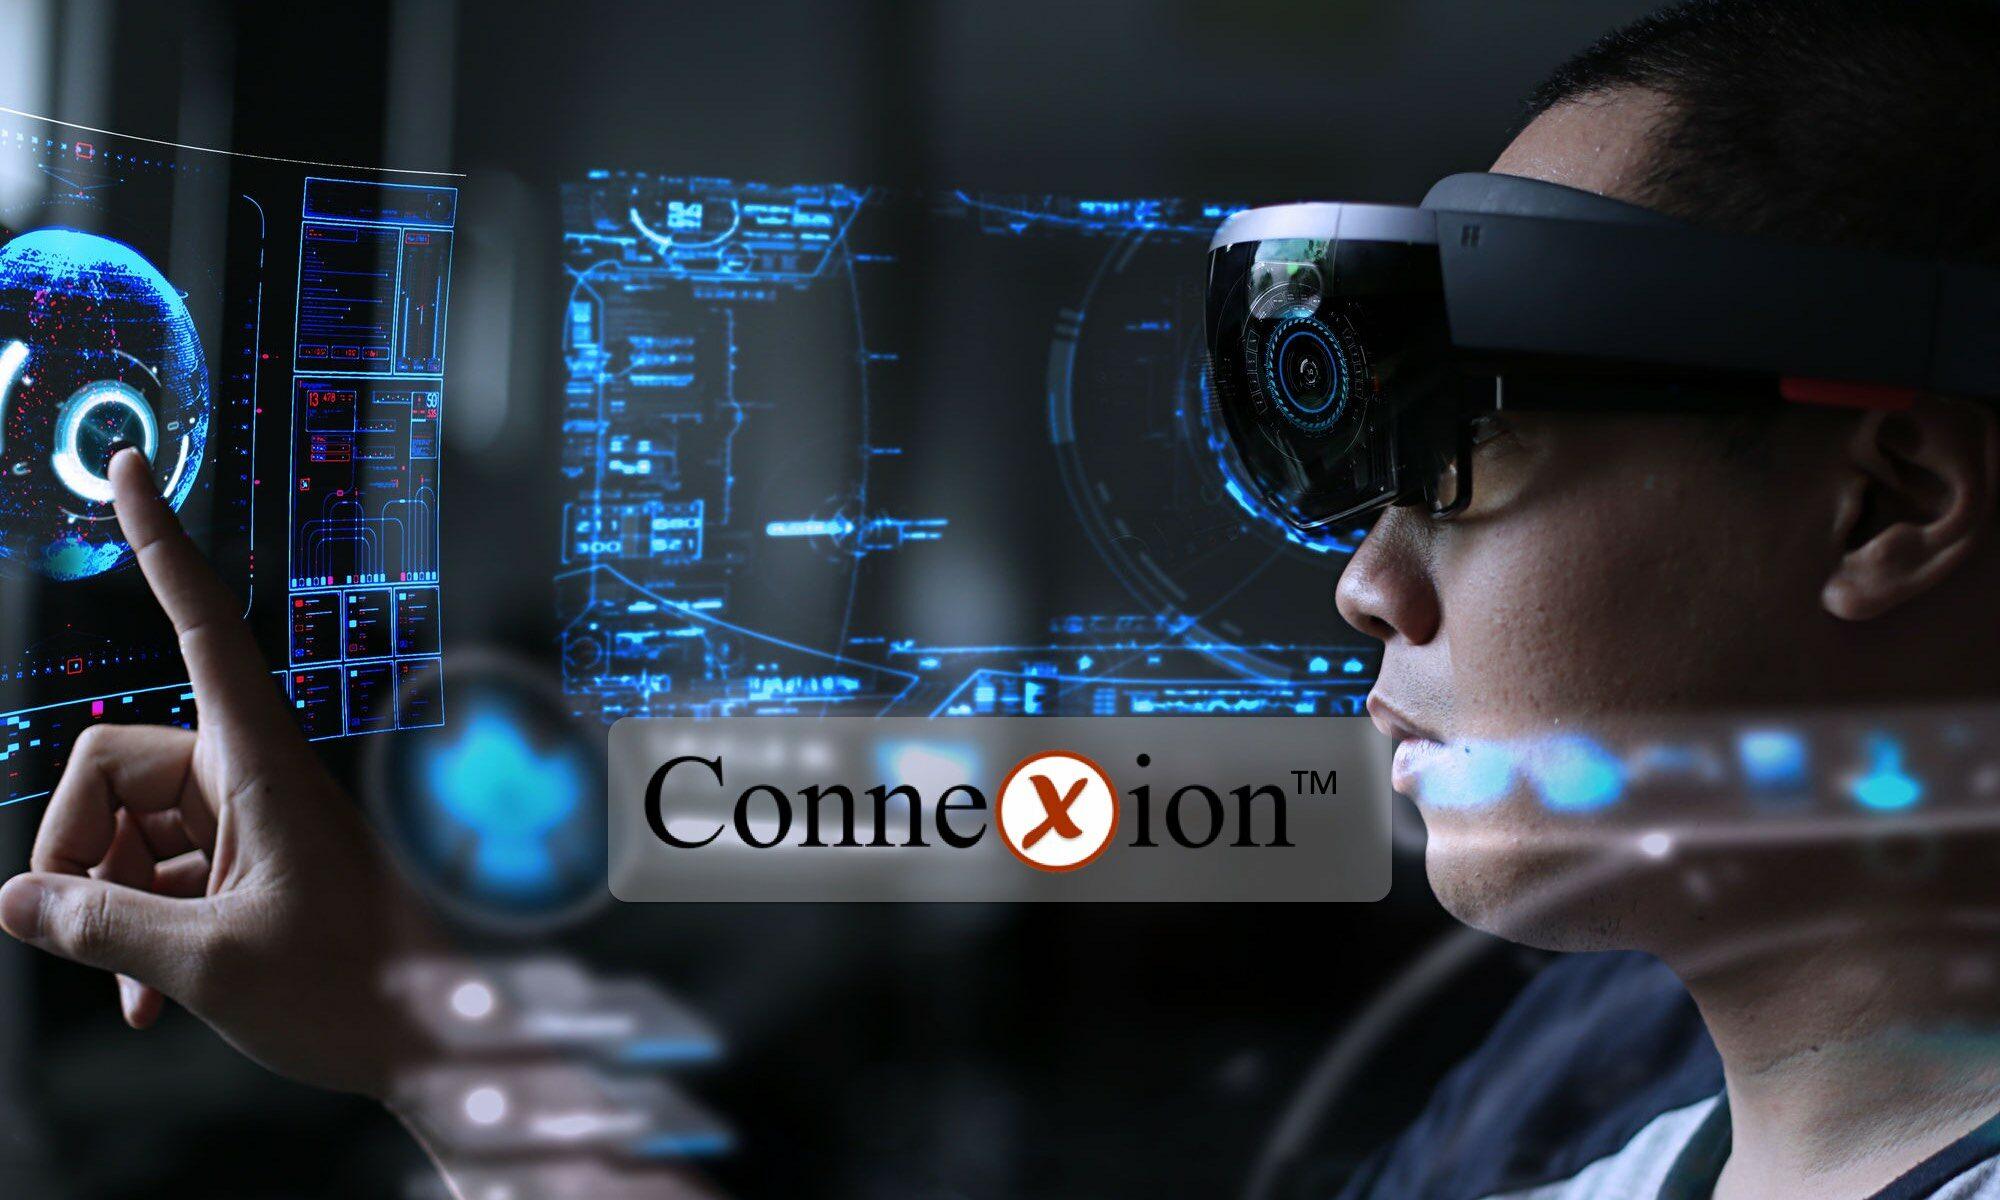 ConneXion by CTEX